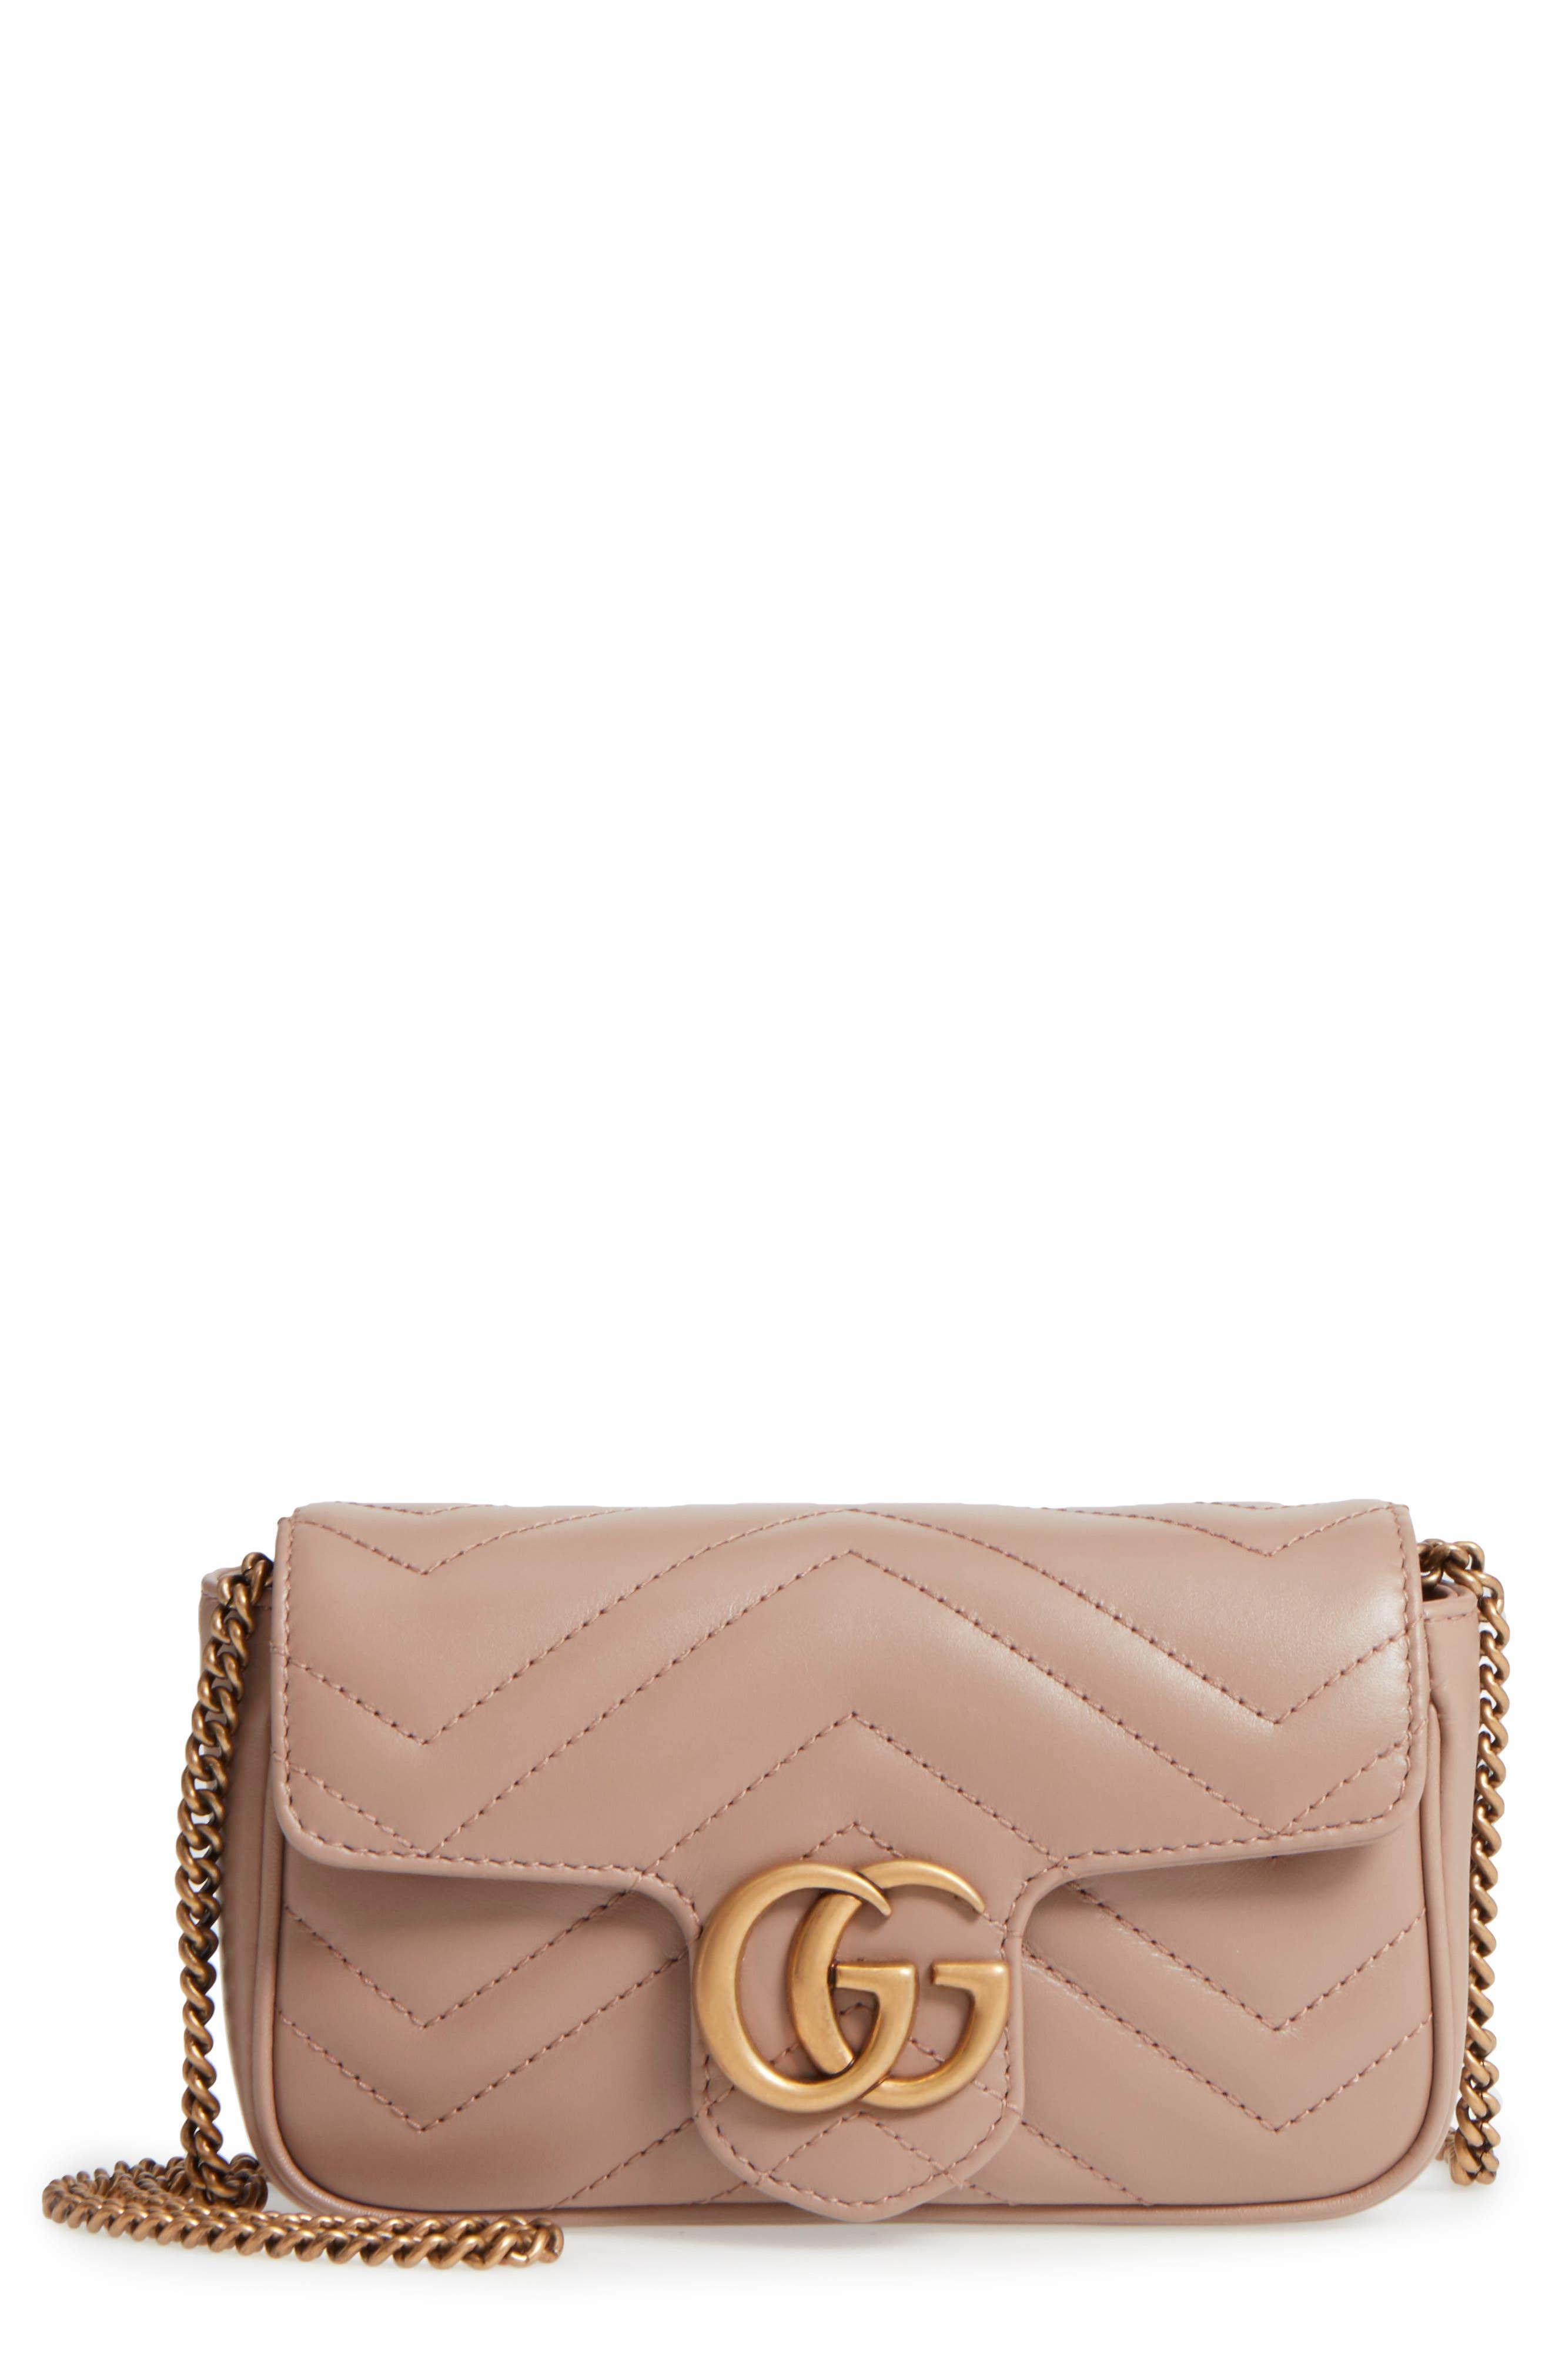 Gucci Supermini GG Marmont 2.0 Matelassé Leather Shoulder Bag